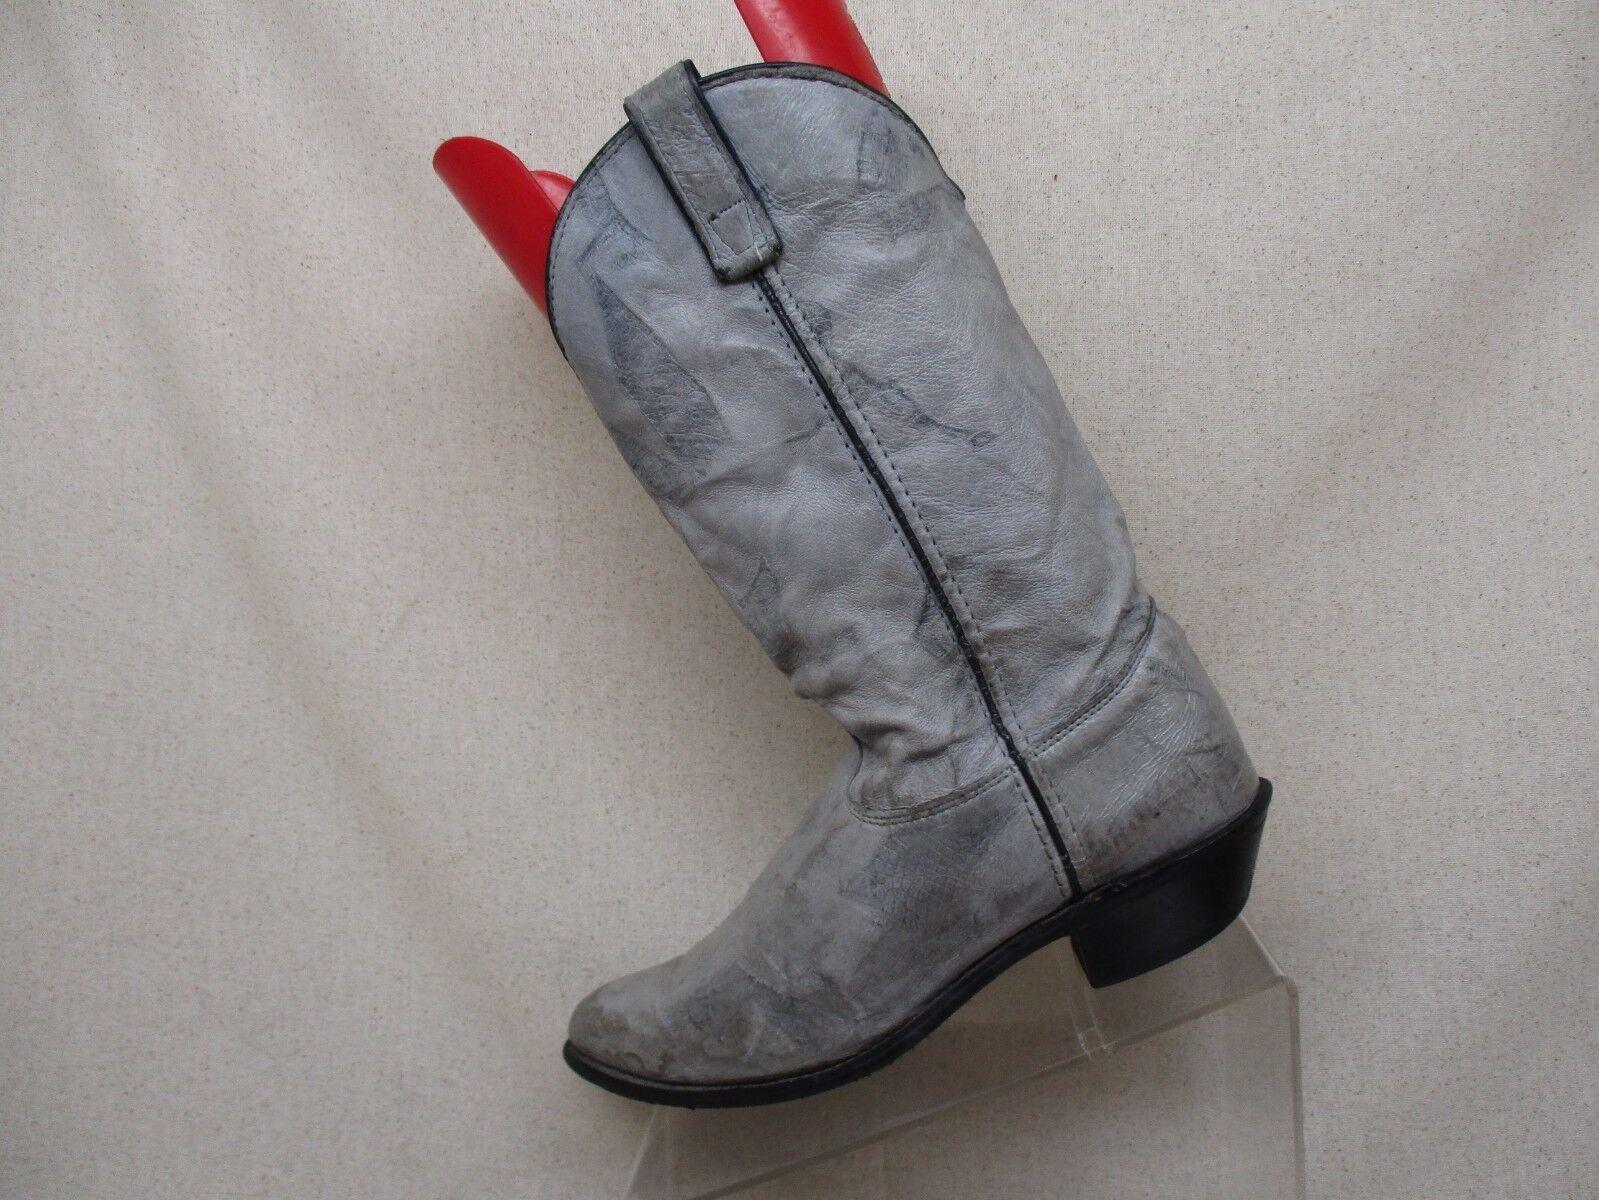 botas de vaquero occidental Capezio Cuero gris gris gris para Mujer Talla 8.5 M Estilo L382 EE. UU. 32c2c2